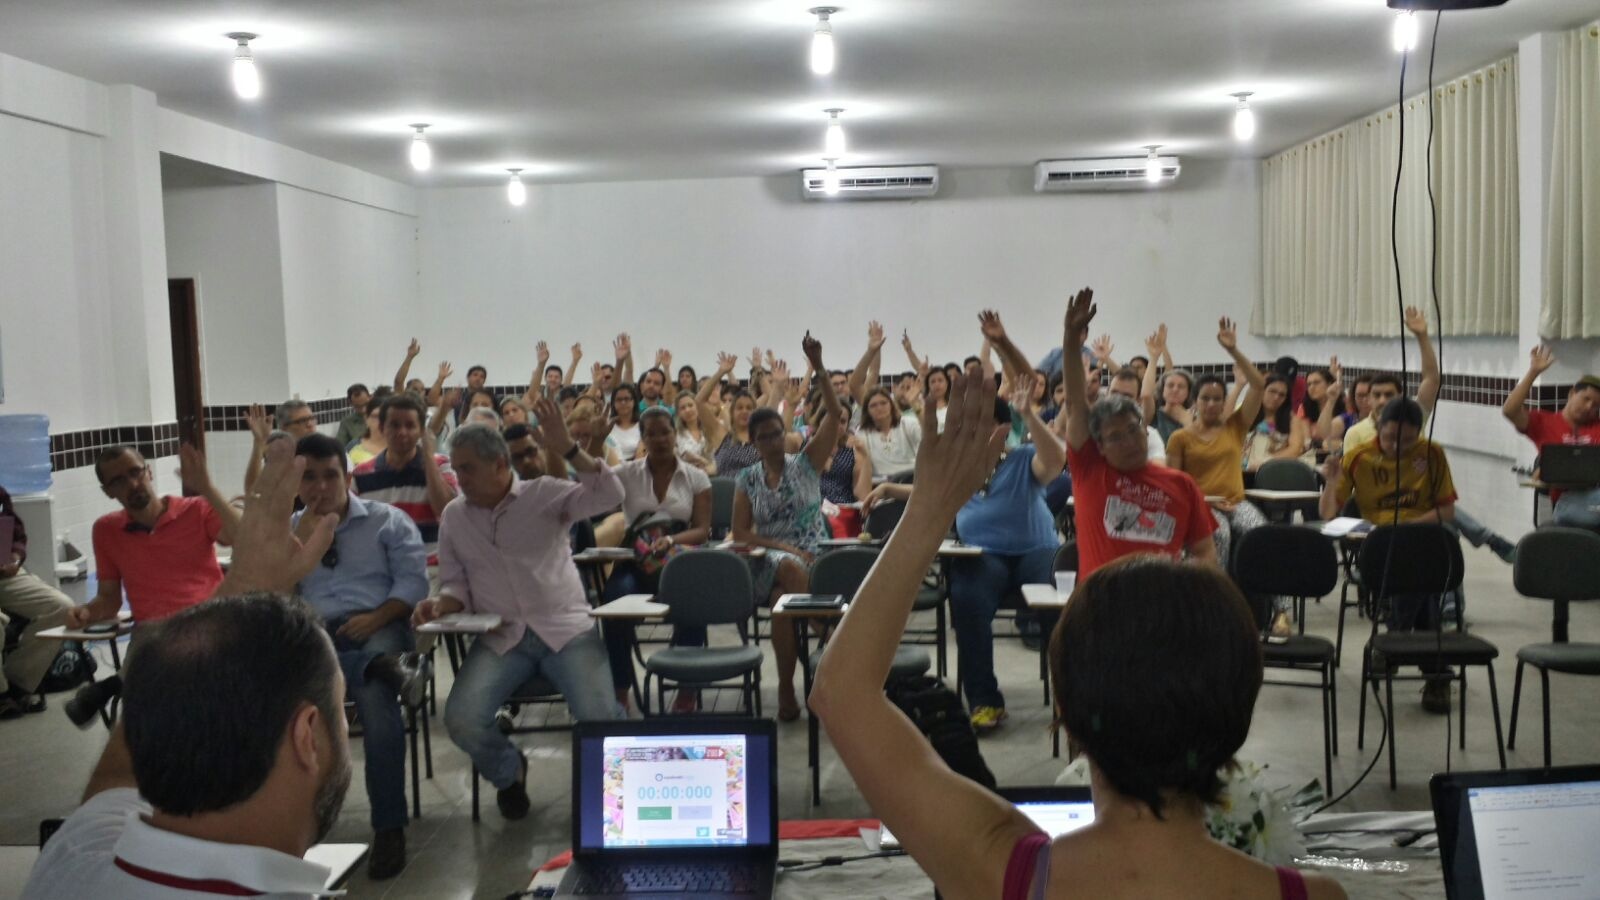 Assembleia aprova paralisação de 7 a 11 de dezembro contra retirada de direitos trabalhistas